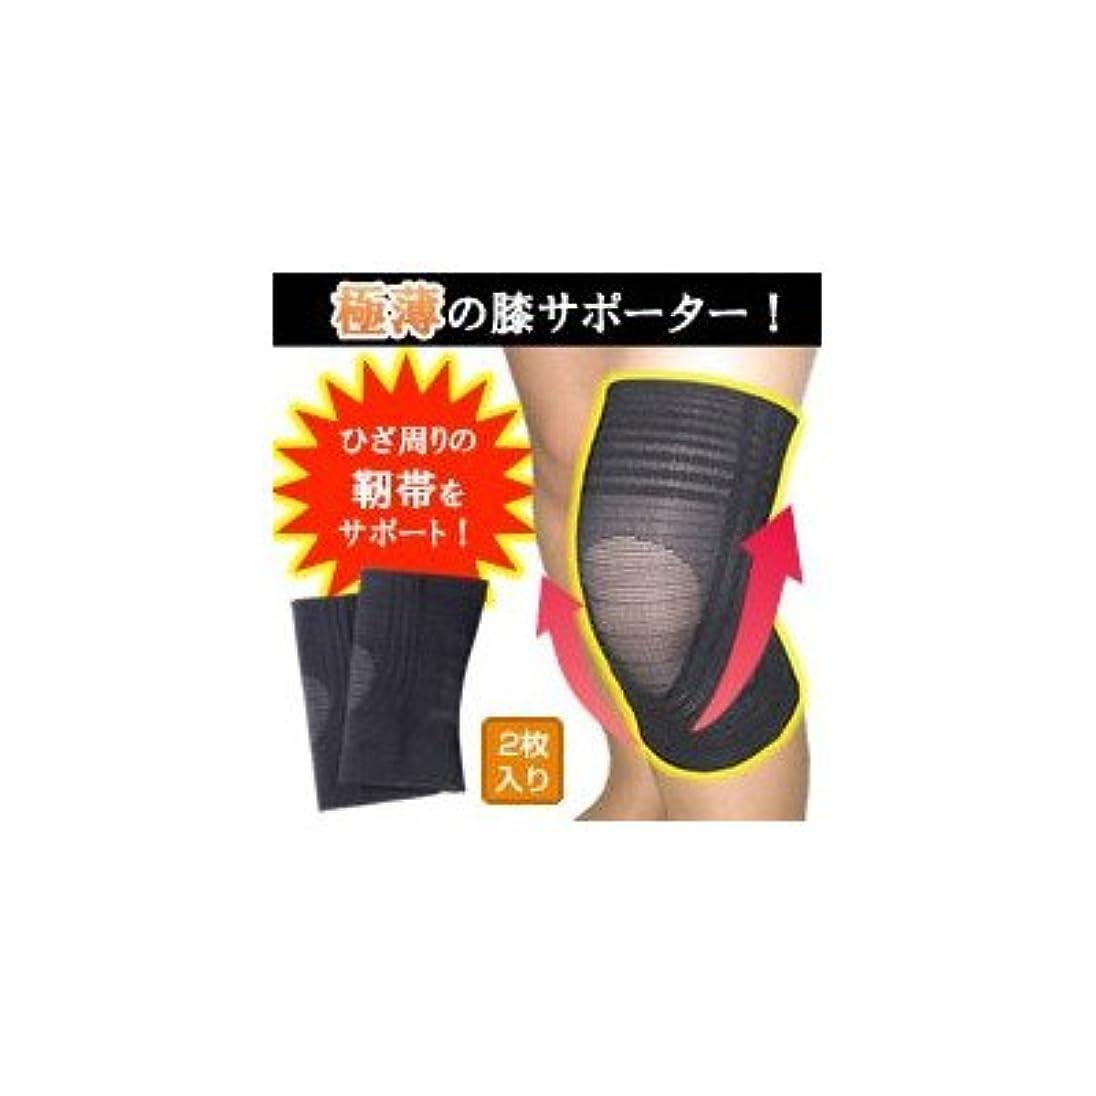 ボード財政が欲しい縁の下の膝靭帯サポーター M( 画像はイメージ画像です お届けの商品はMのみとなります)